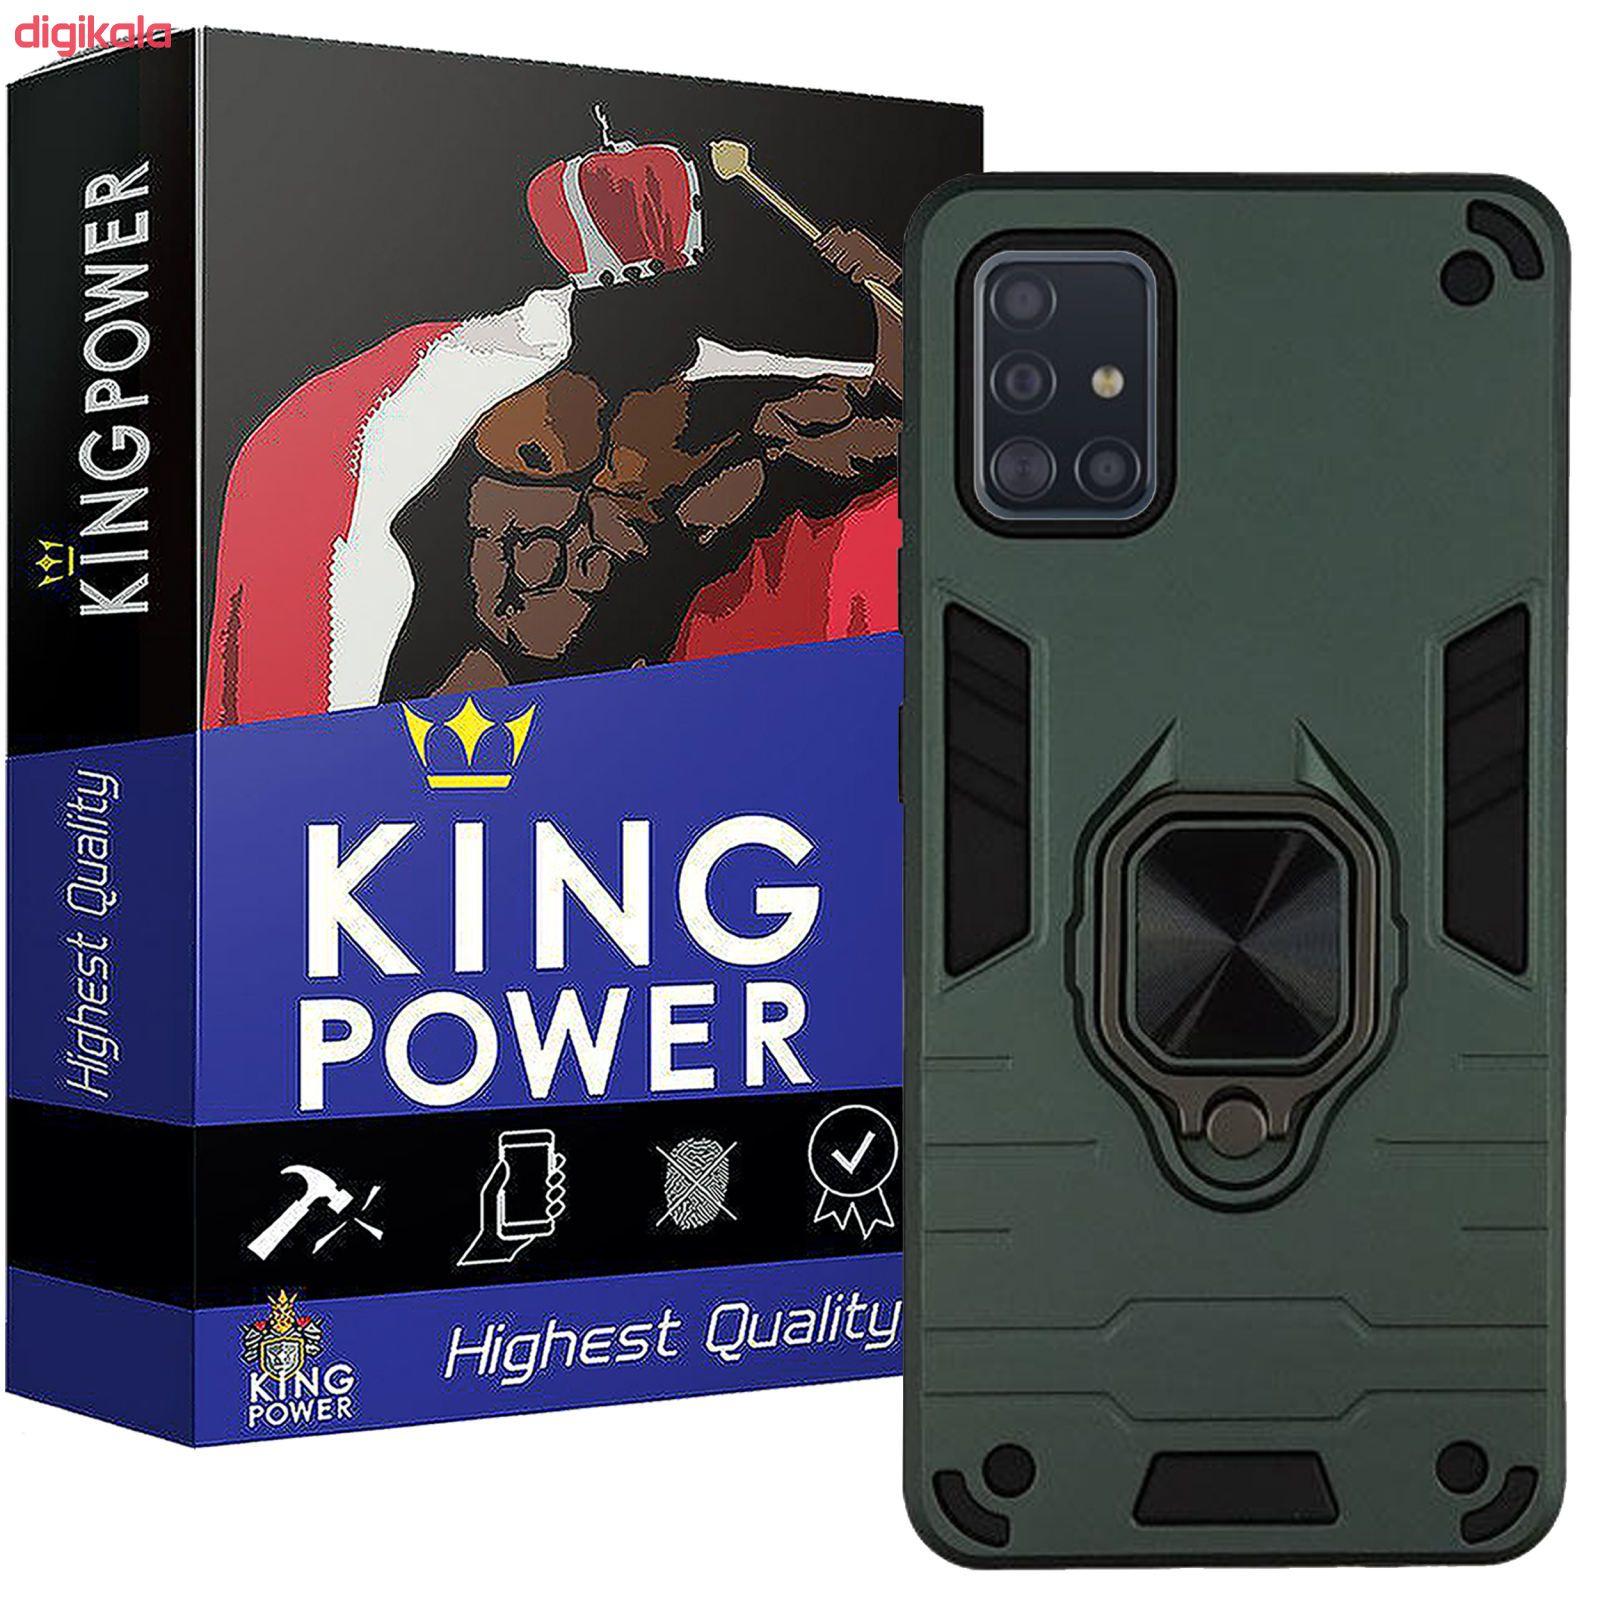 کاور کینگ پاور مدل ASH22 مناسب برای گوشی موبایل سامسونگ Galaxy A31 main 1 1